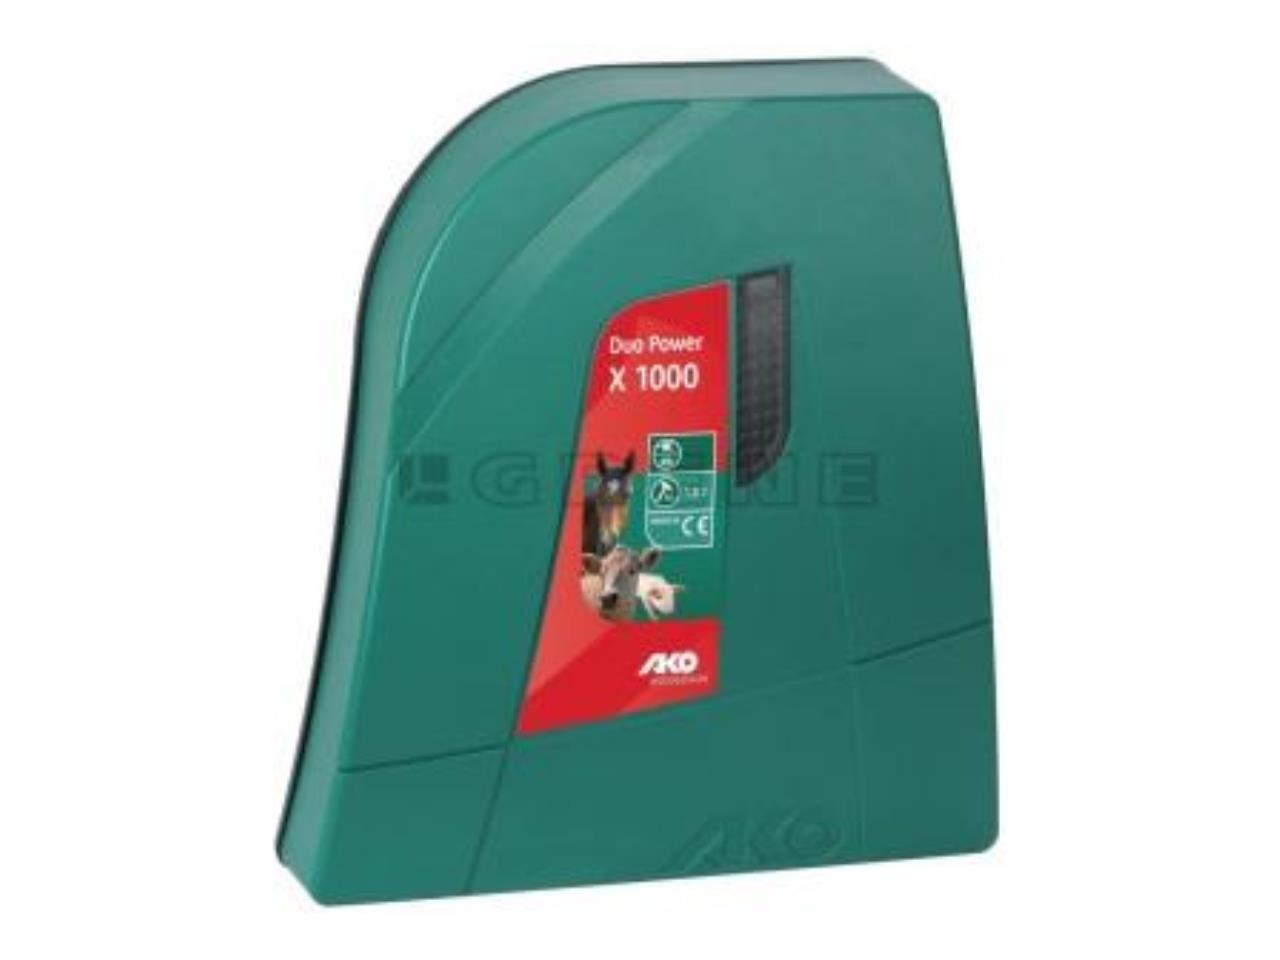 El-hegn AKO DUO Power X1000 12